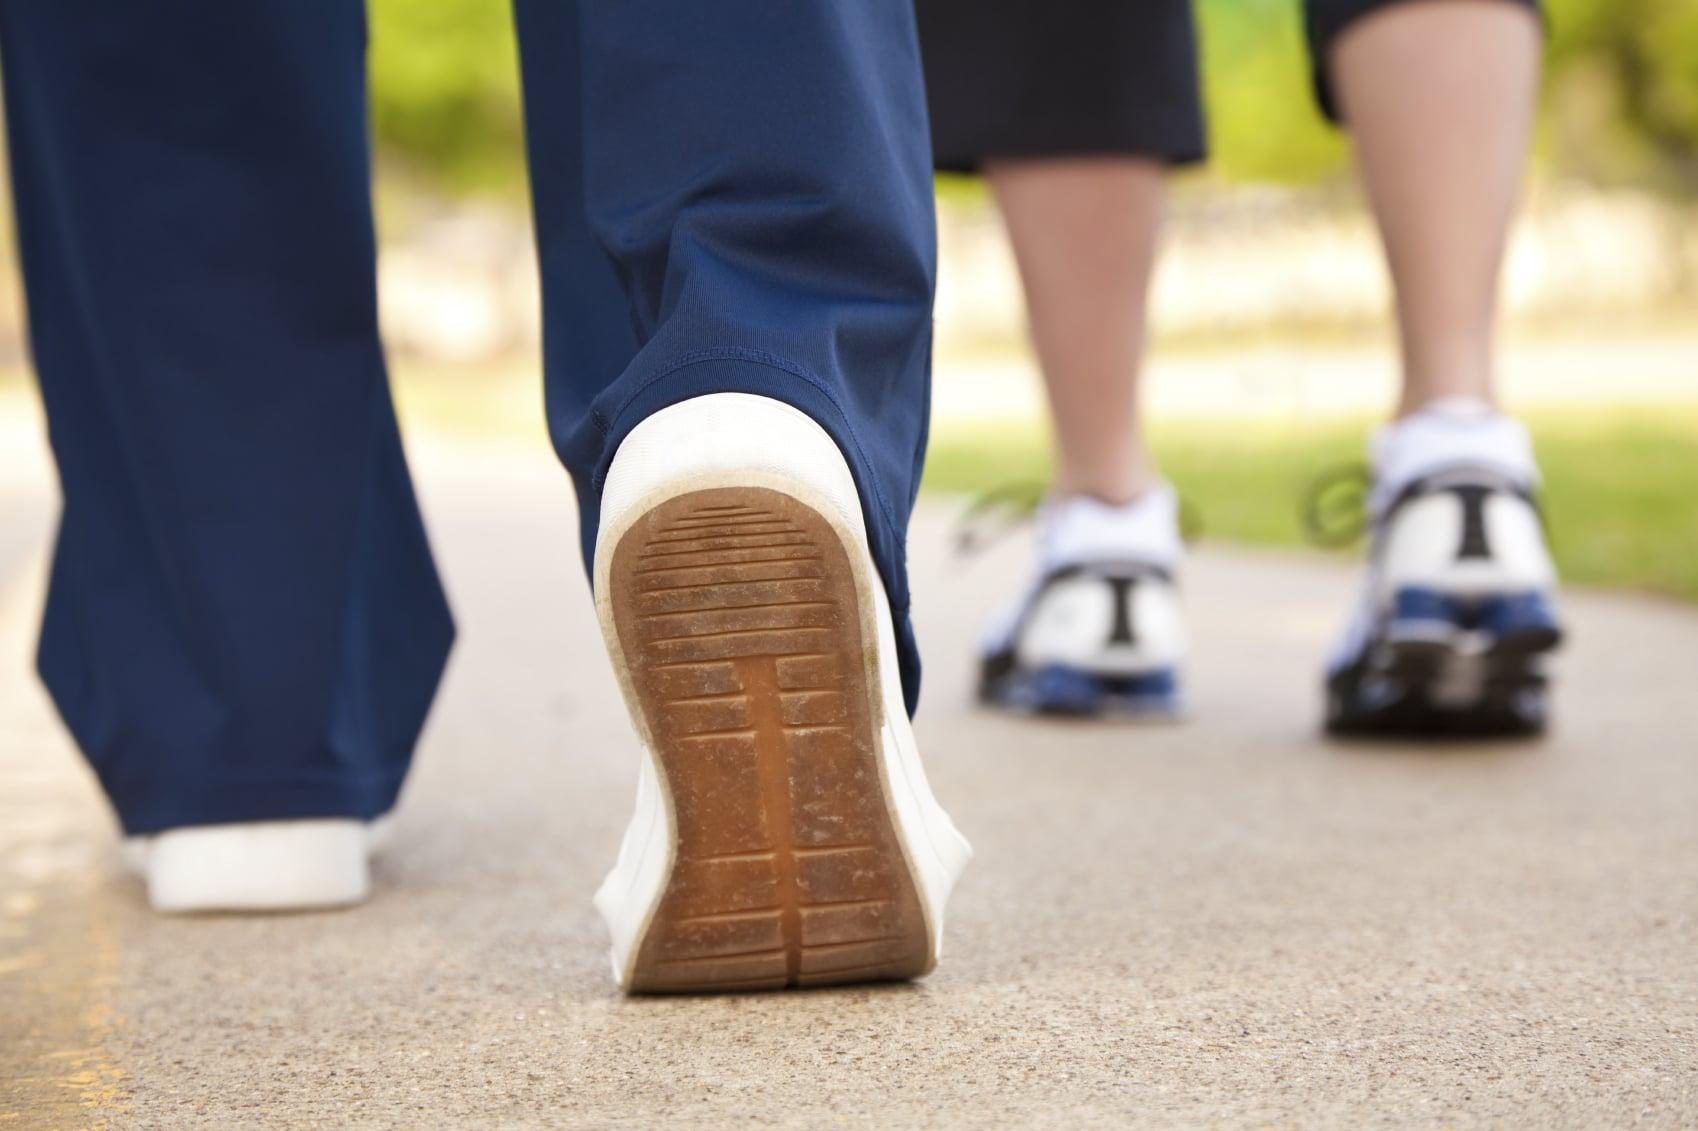 Sunday Shoes Walking